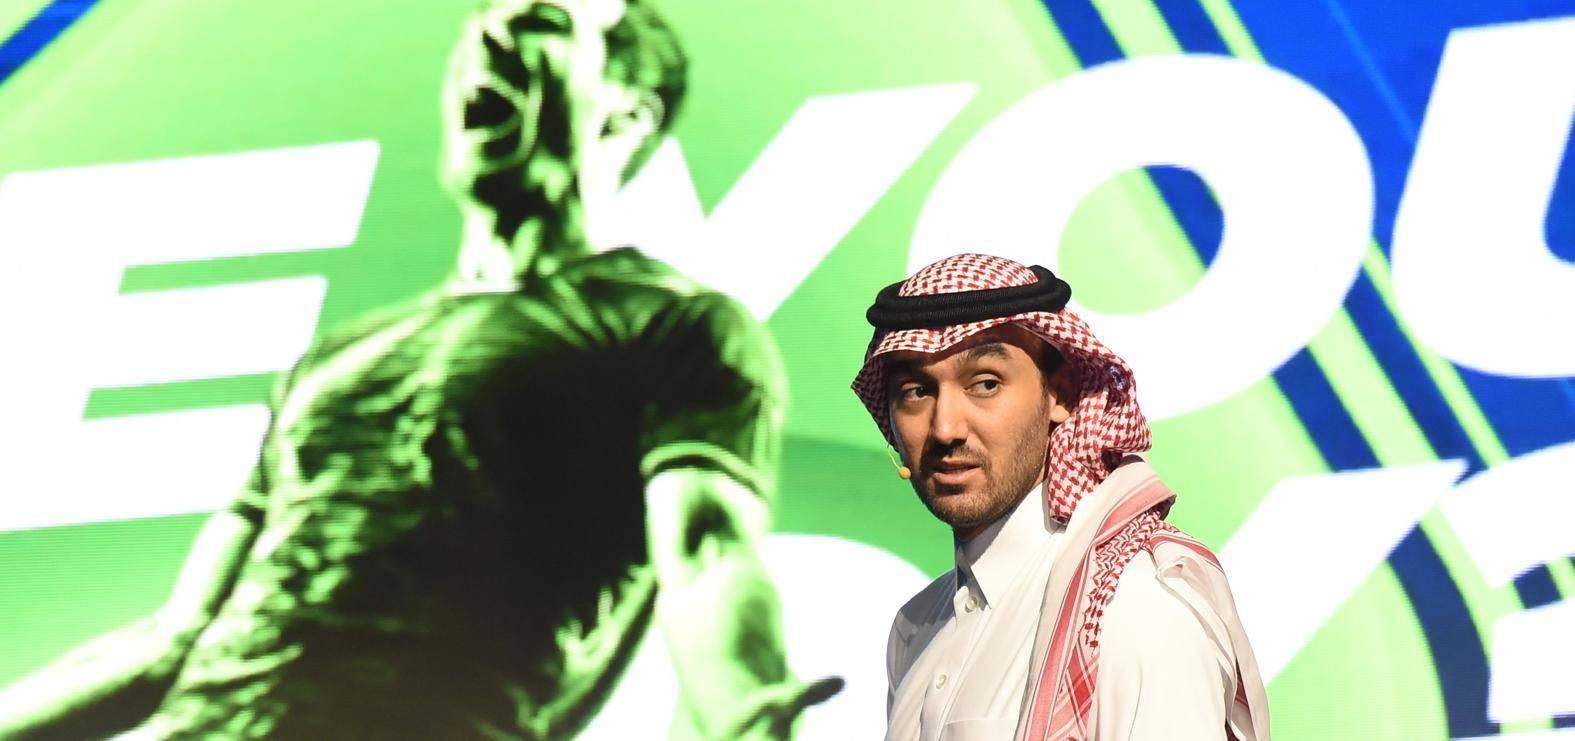 Saudi Arabia invites global investors to partner in rapidly increasing sports economy